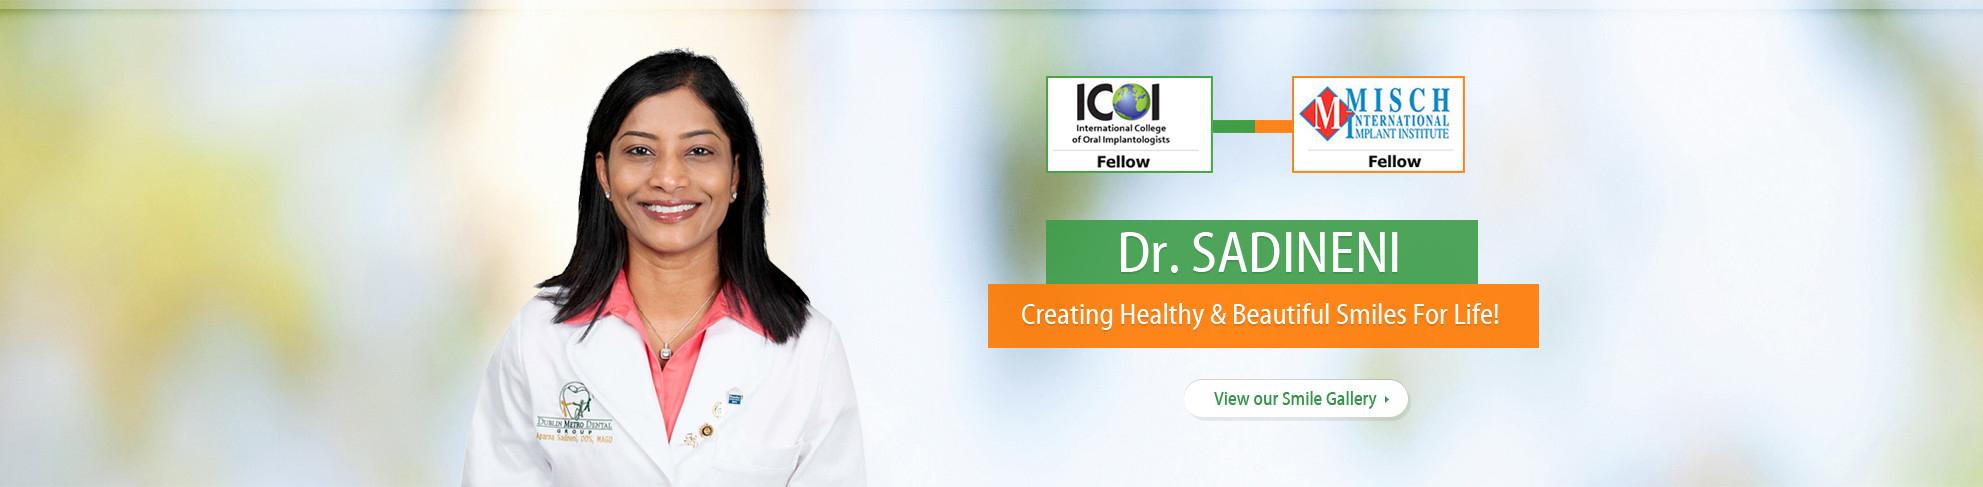 Dr. Sadineni